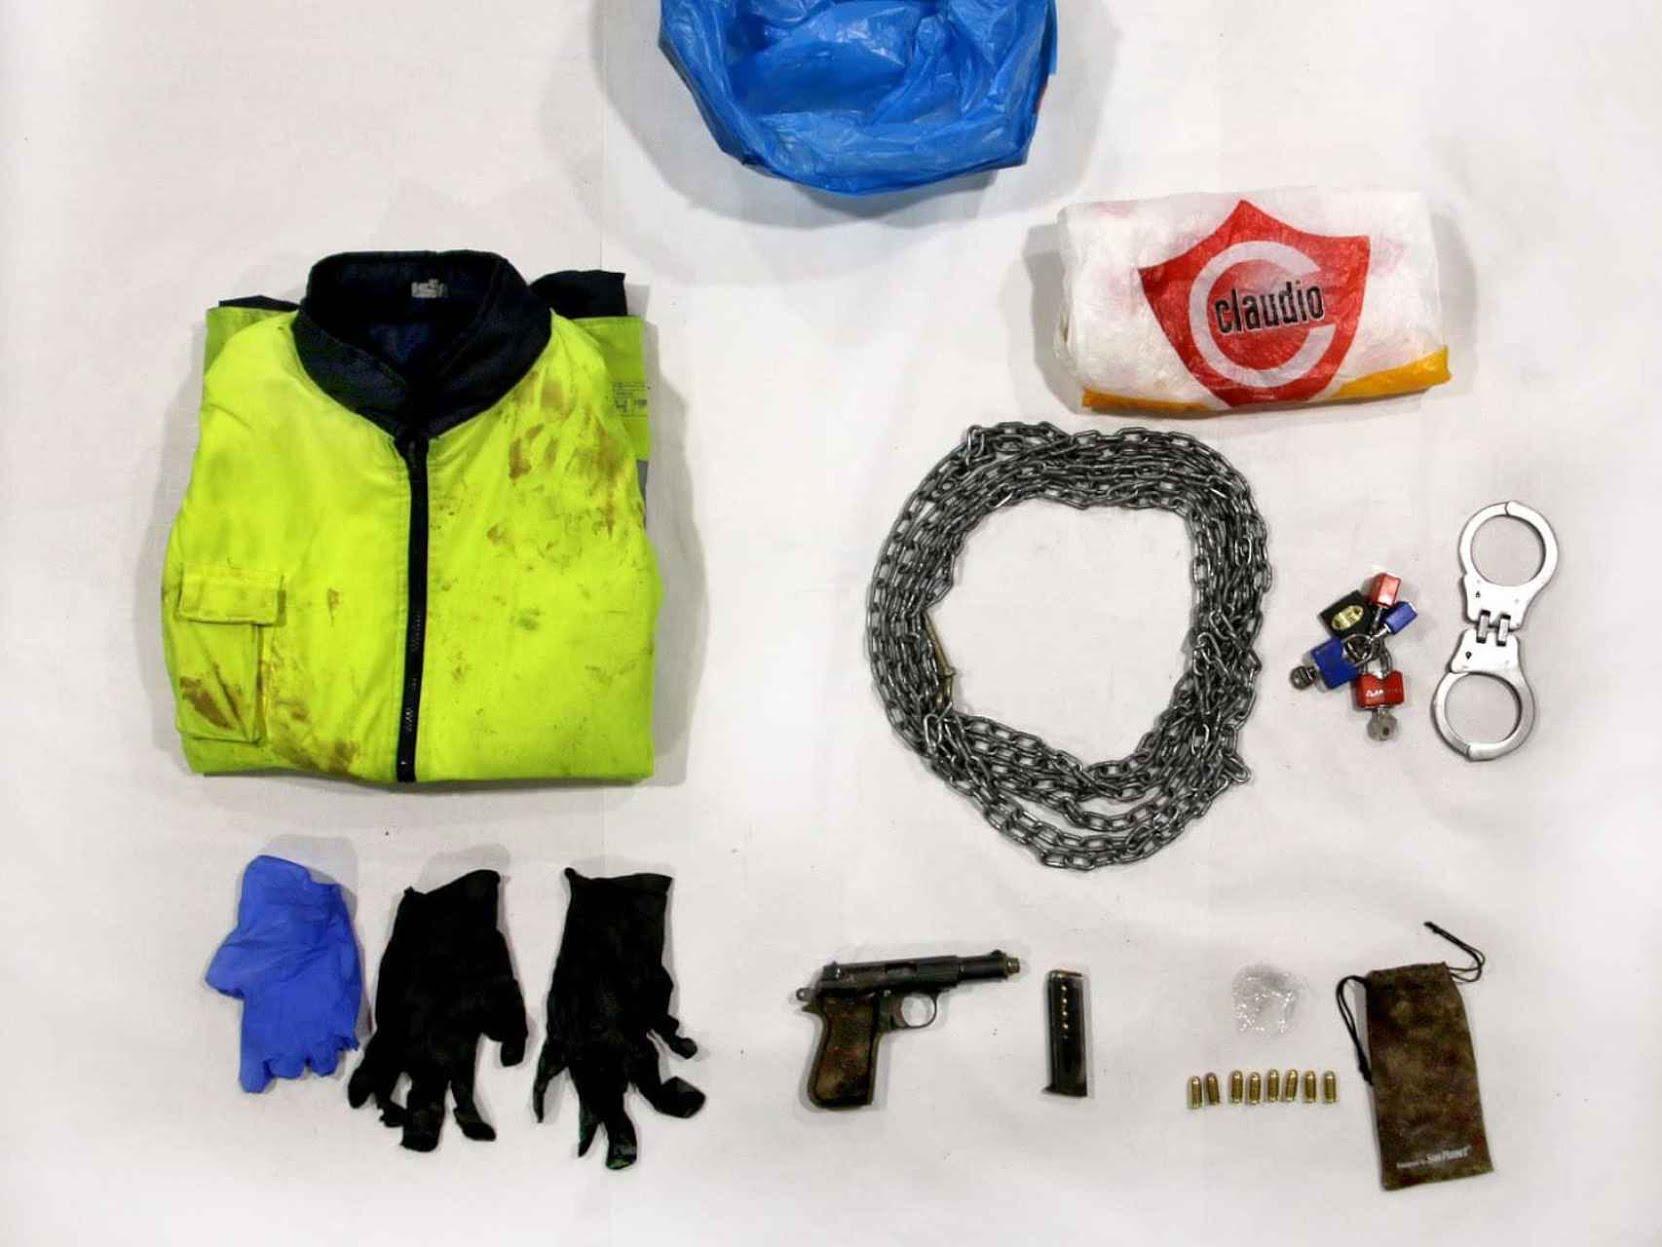 El contenido de la bolsa de supermercado del presunto asesino.